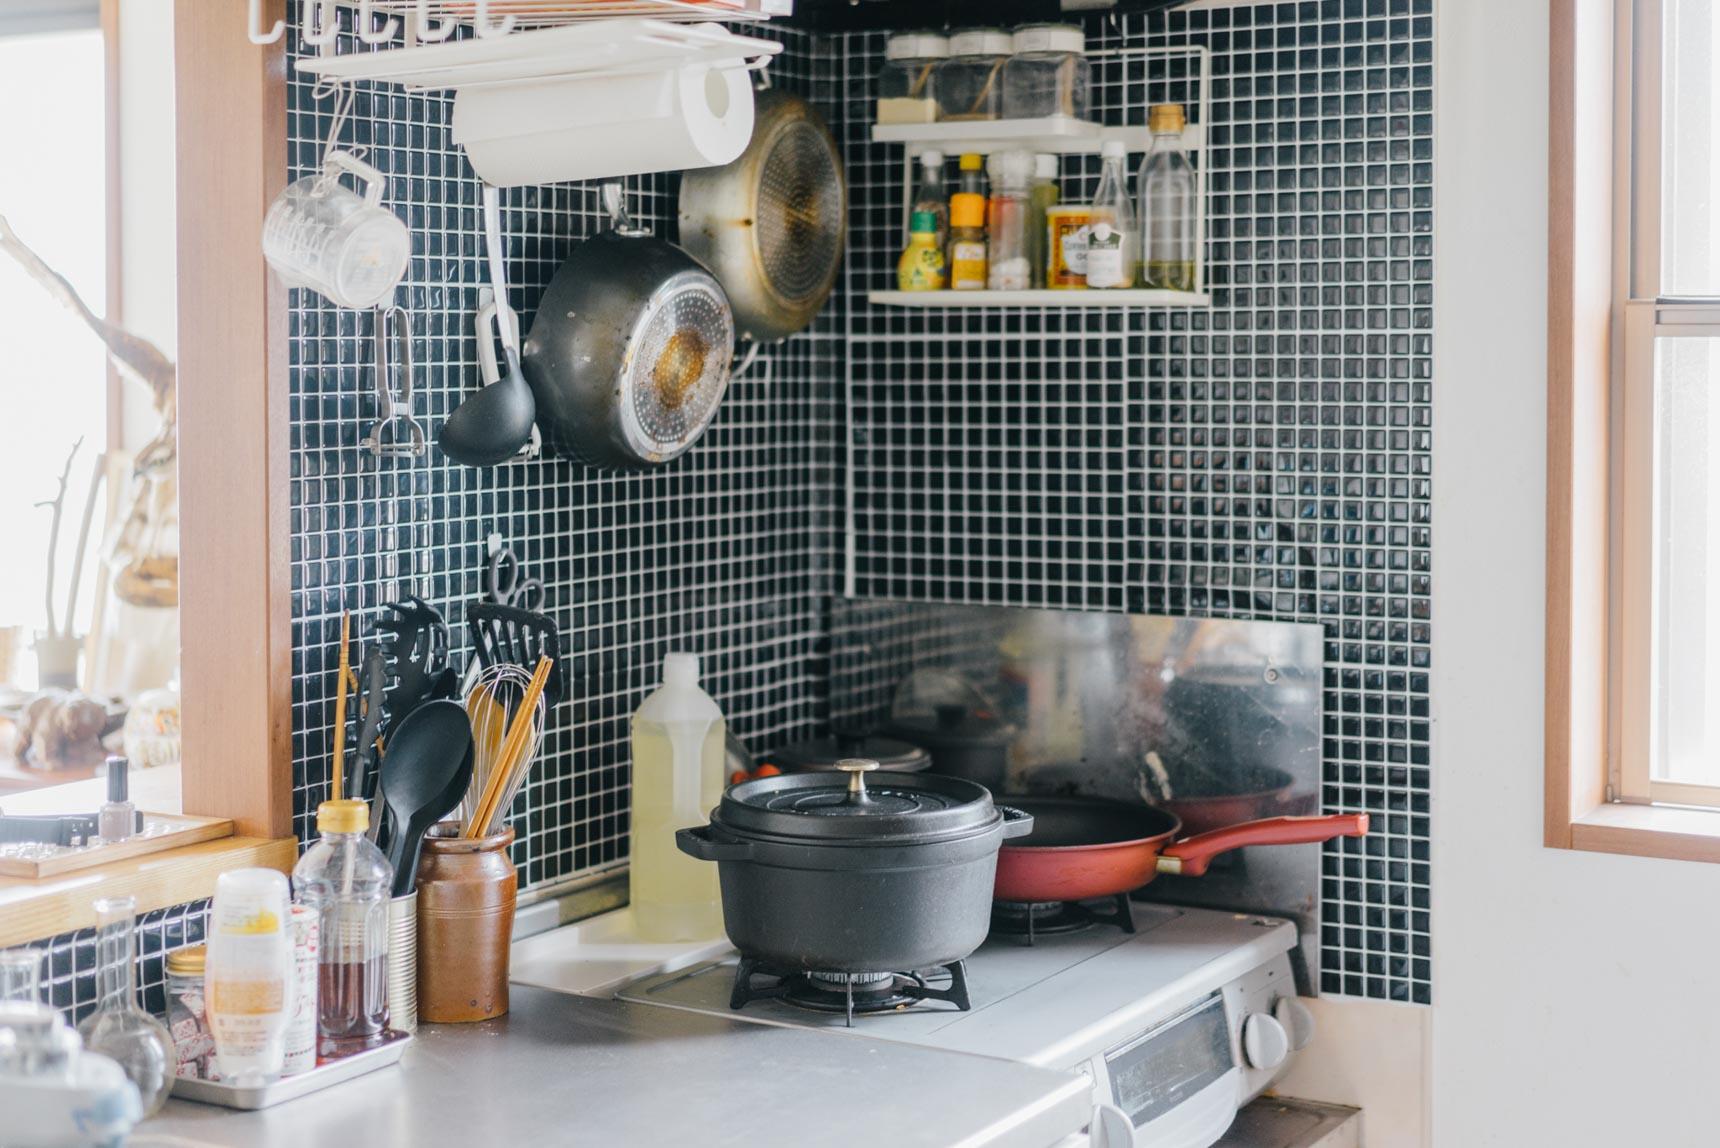 換気扇フードに様々なフックやラックをつけて、キッチンツールを収納。壁には剥がせるタイルシートを貼りました。